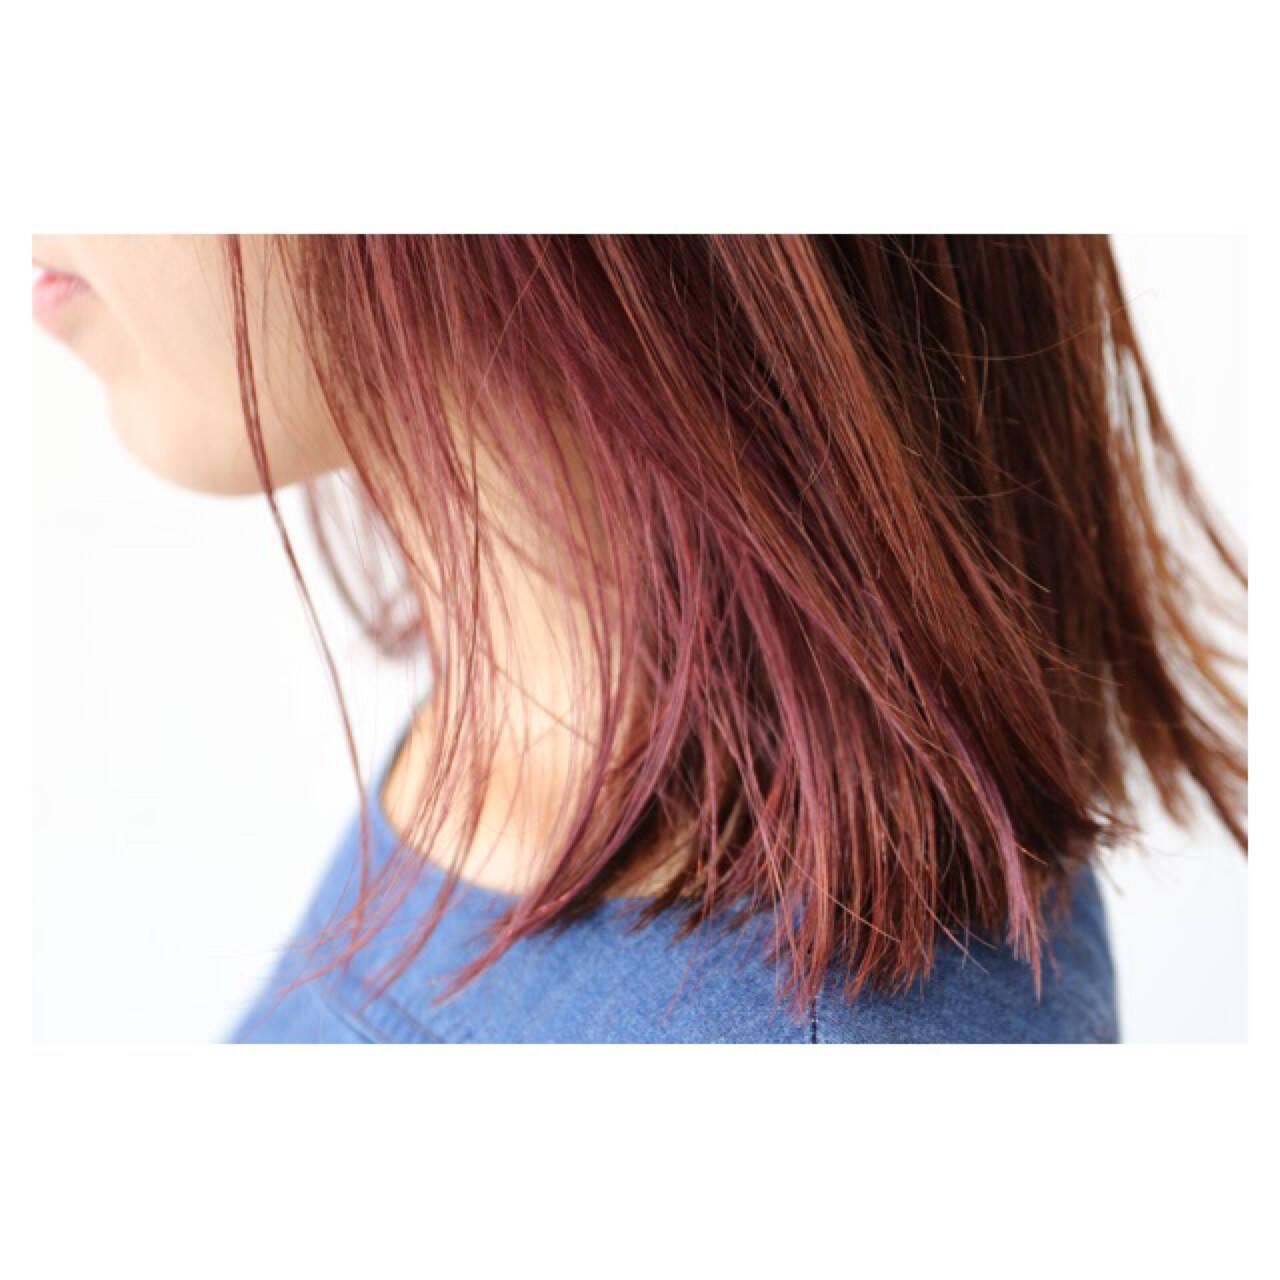 ハイトーン ボブ ナチュラル イルミナカラーヘアスタイルや髪型の写真・画像